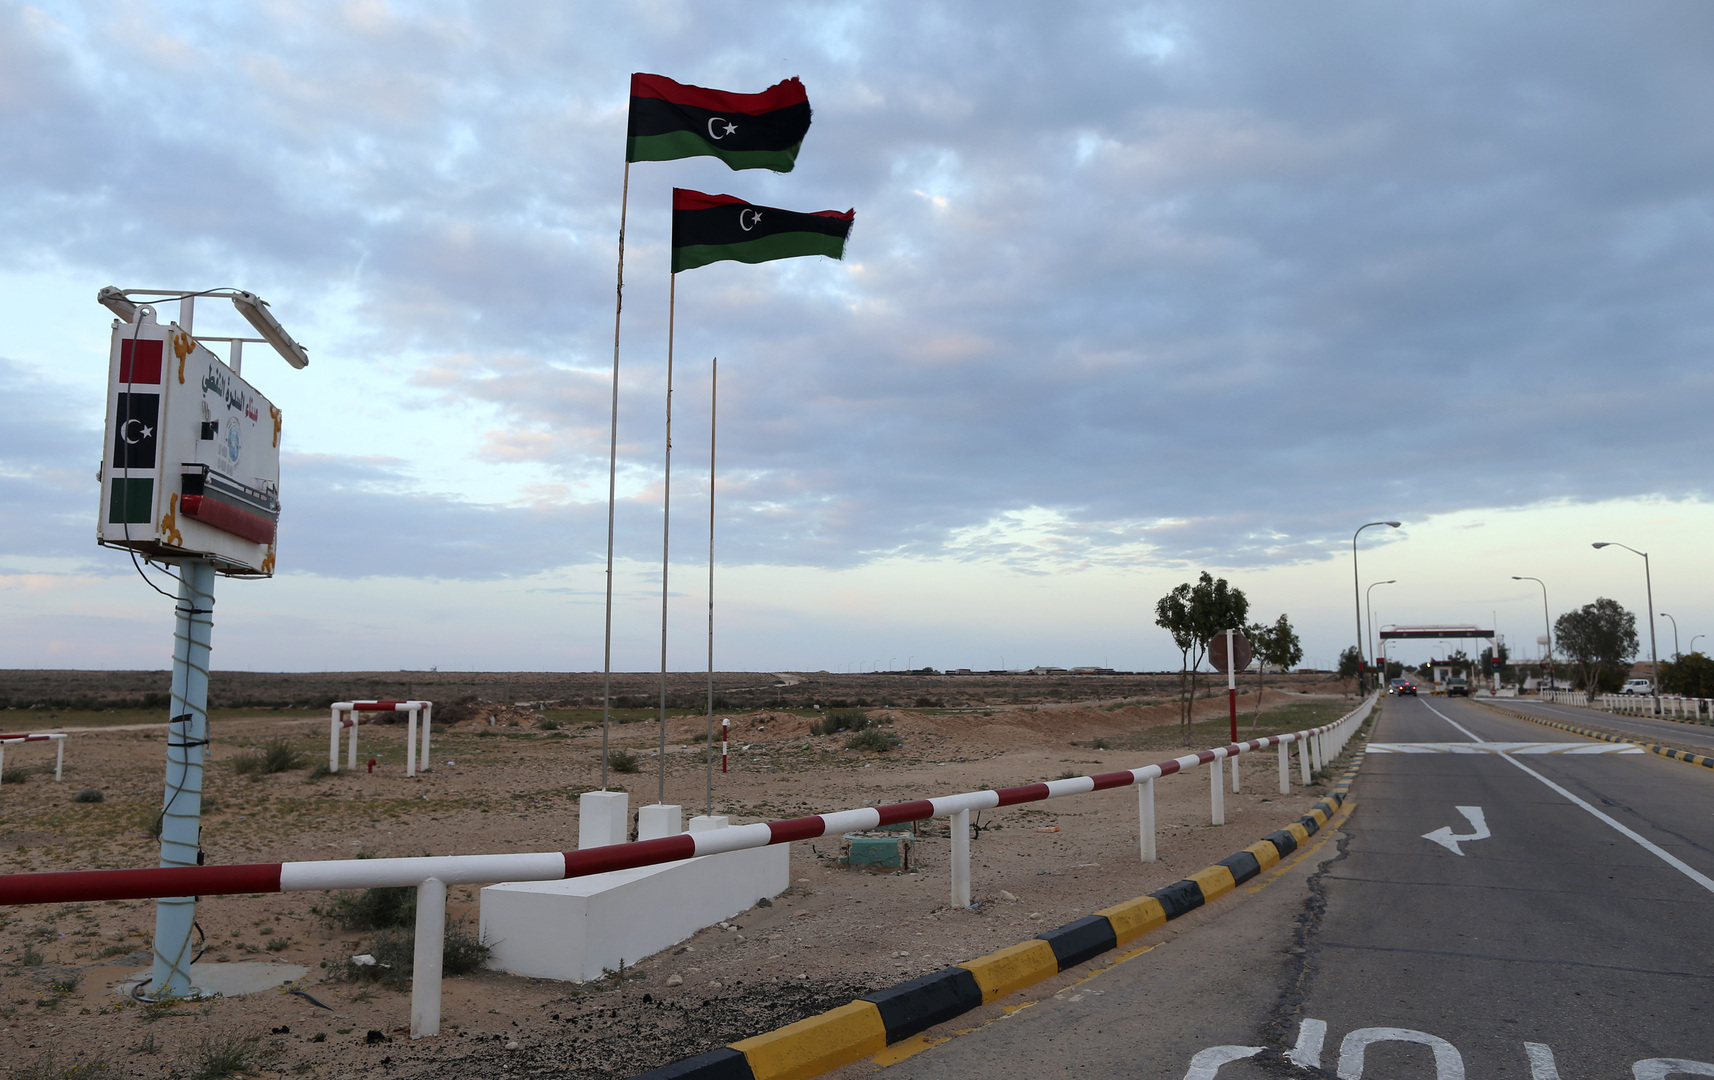 حكومة الوفاق: تصريحات ماكرون حول عدم دعم فرنسا لحفتر متأخرة وبعيدة عن واقع الأرض